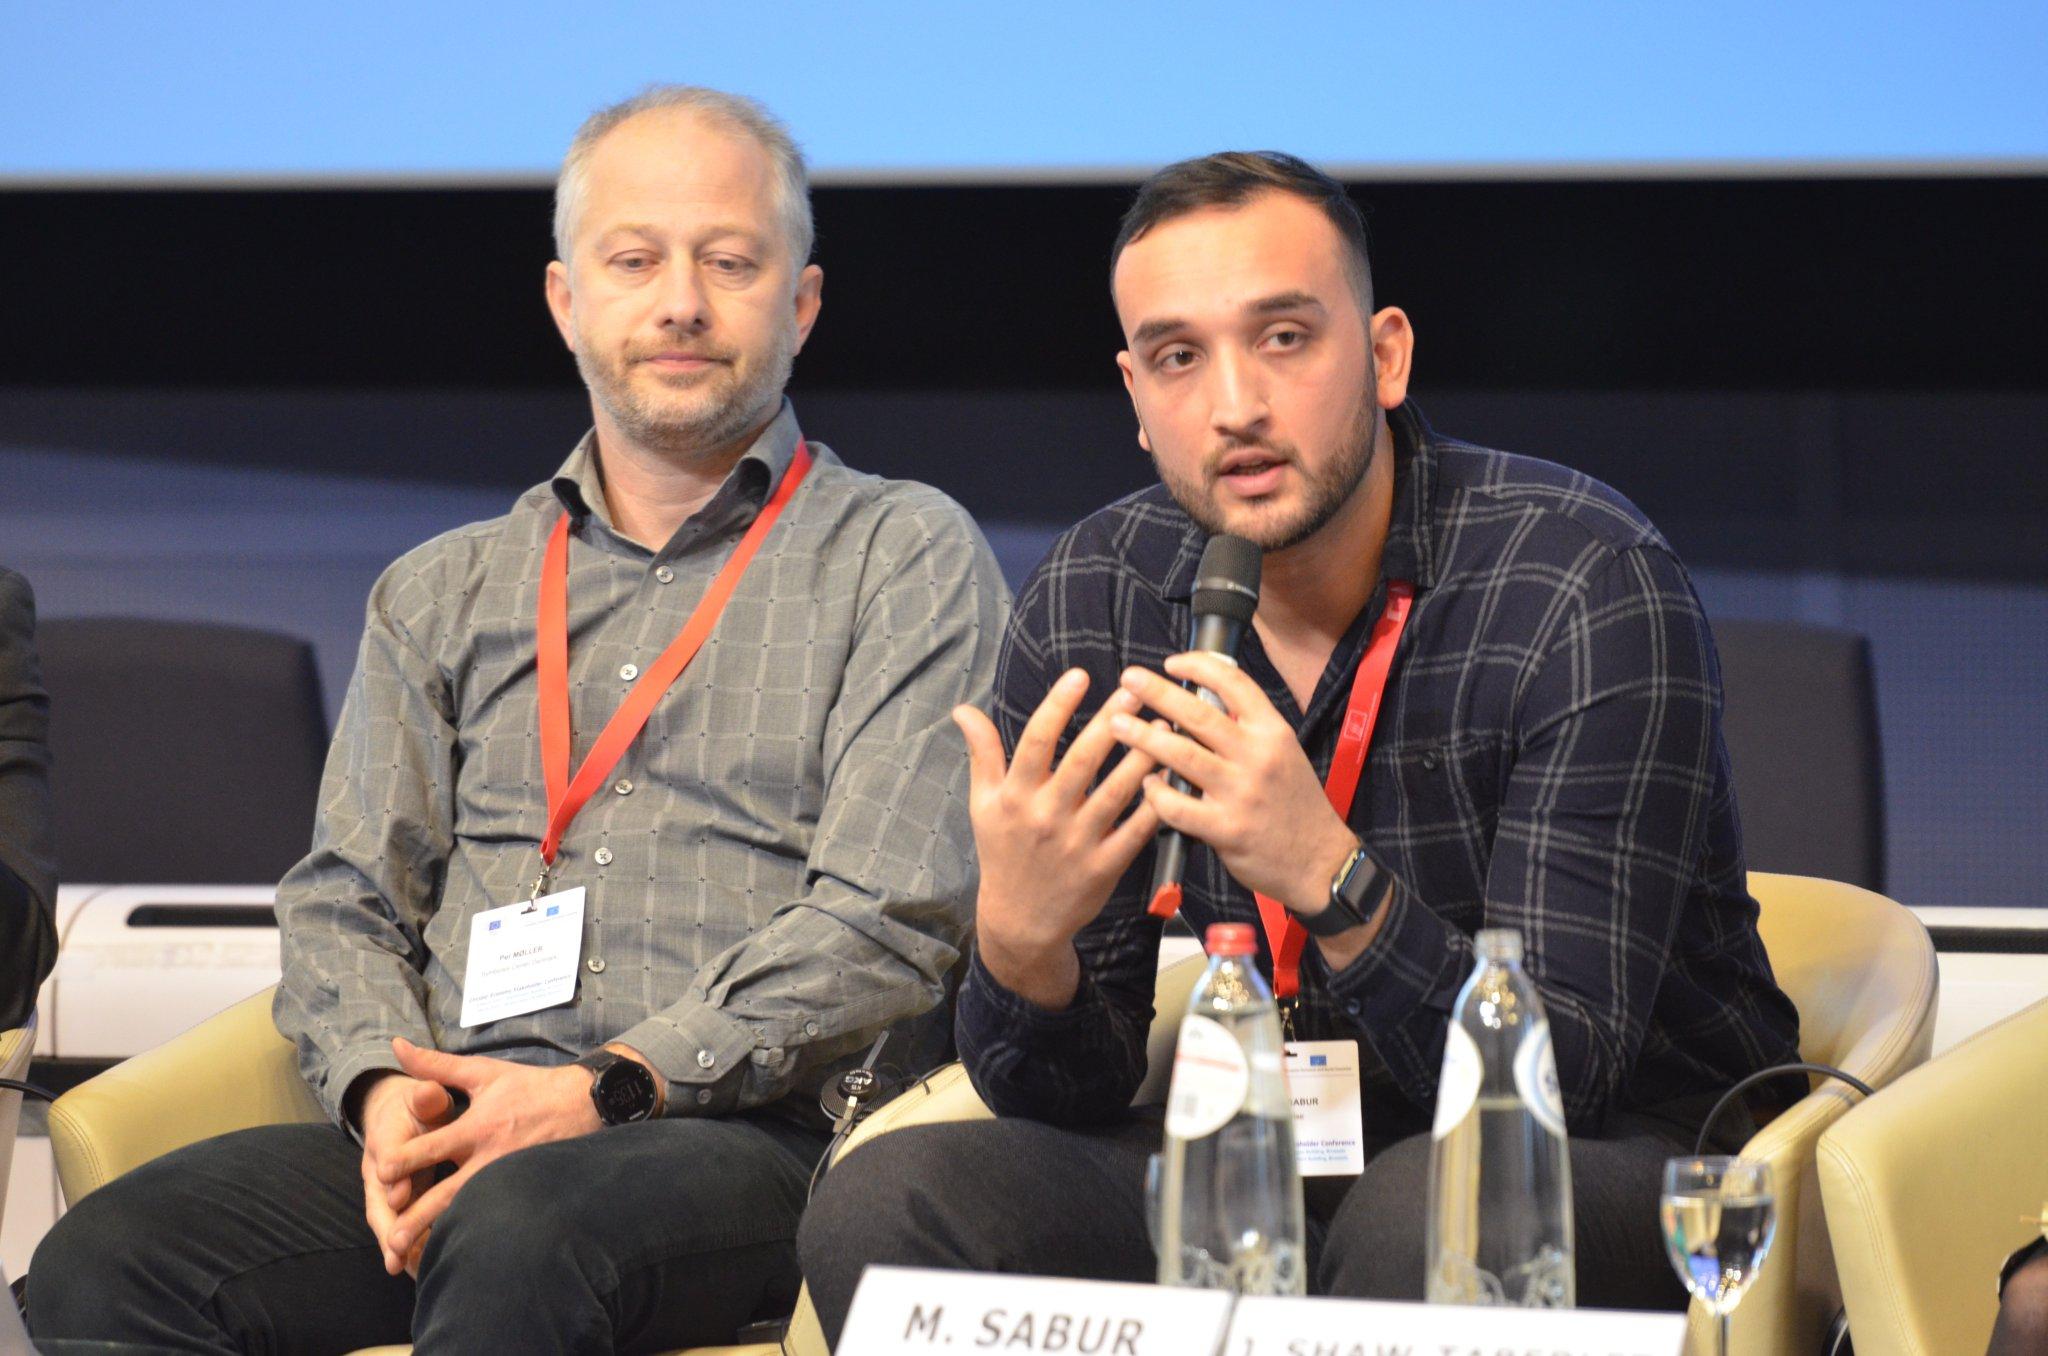 Mesbah Sabur at the Conference